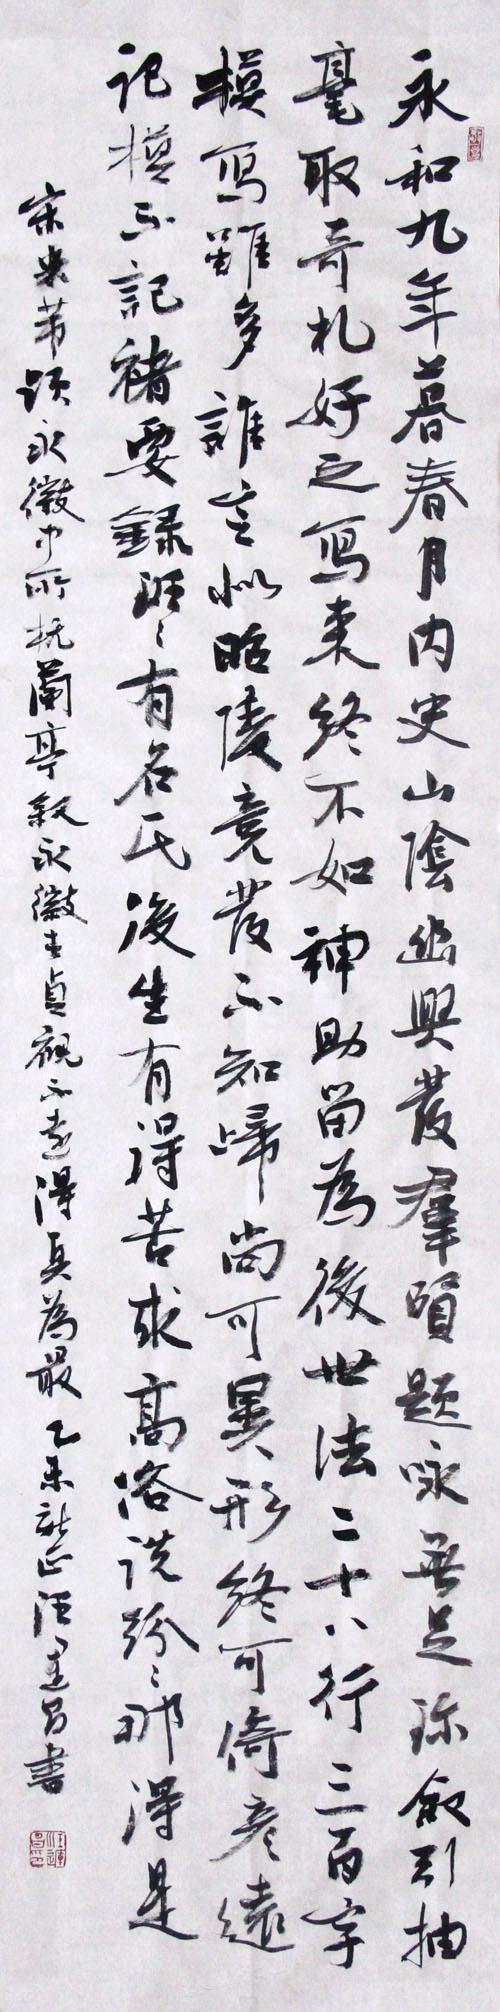 行书条幅米芾诗137x35cm2015